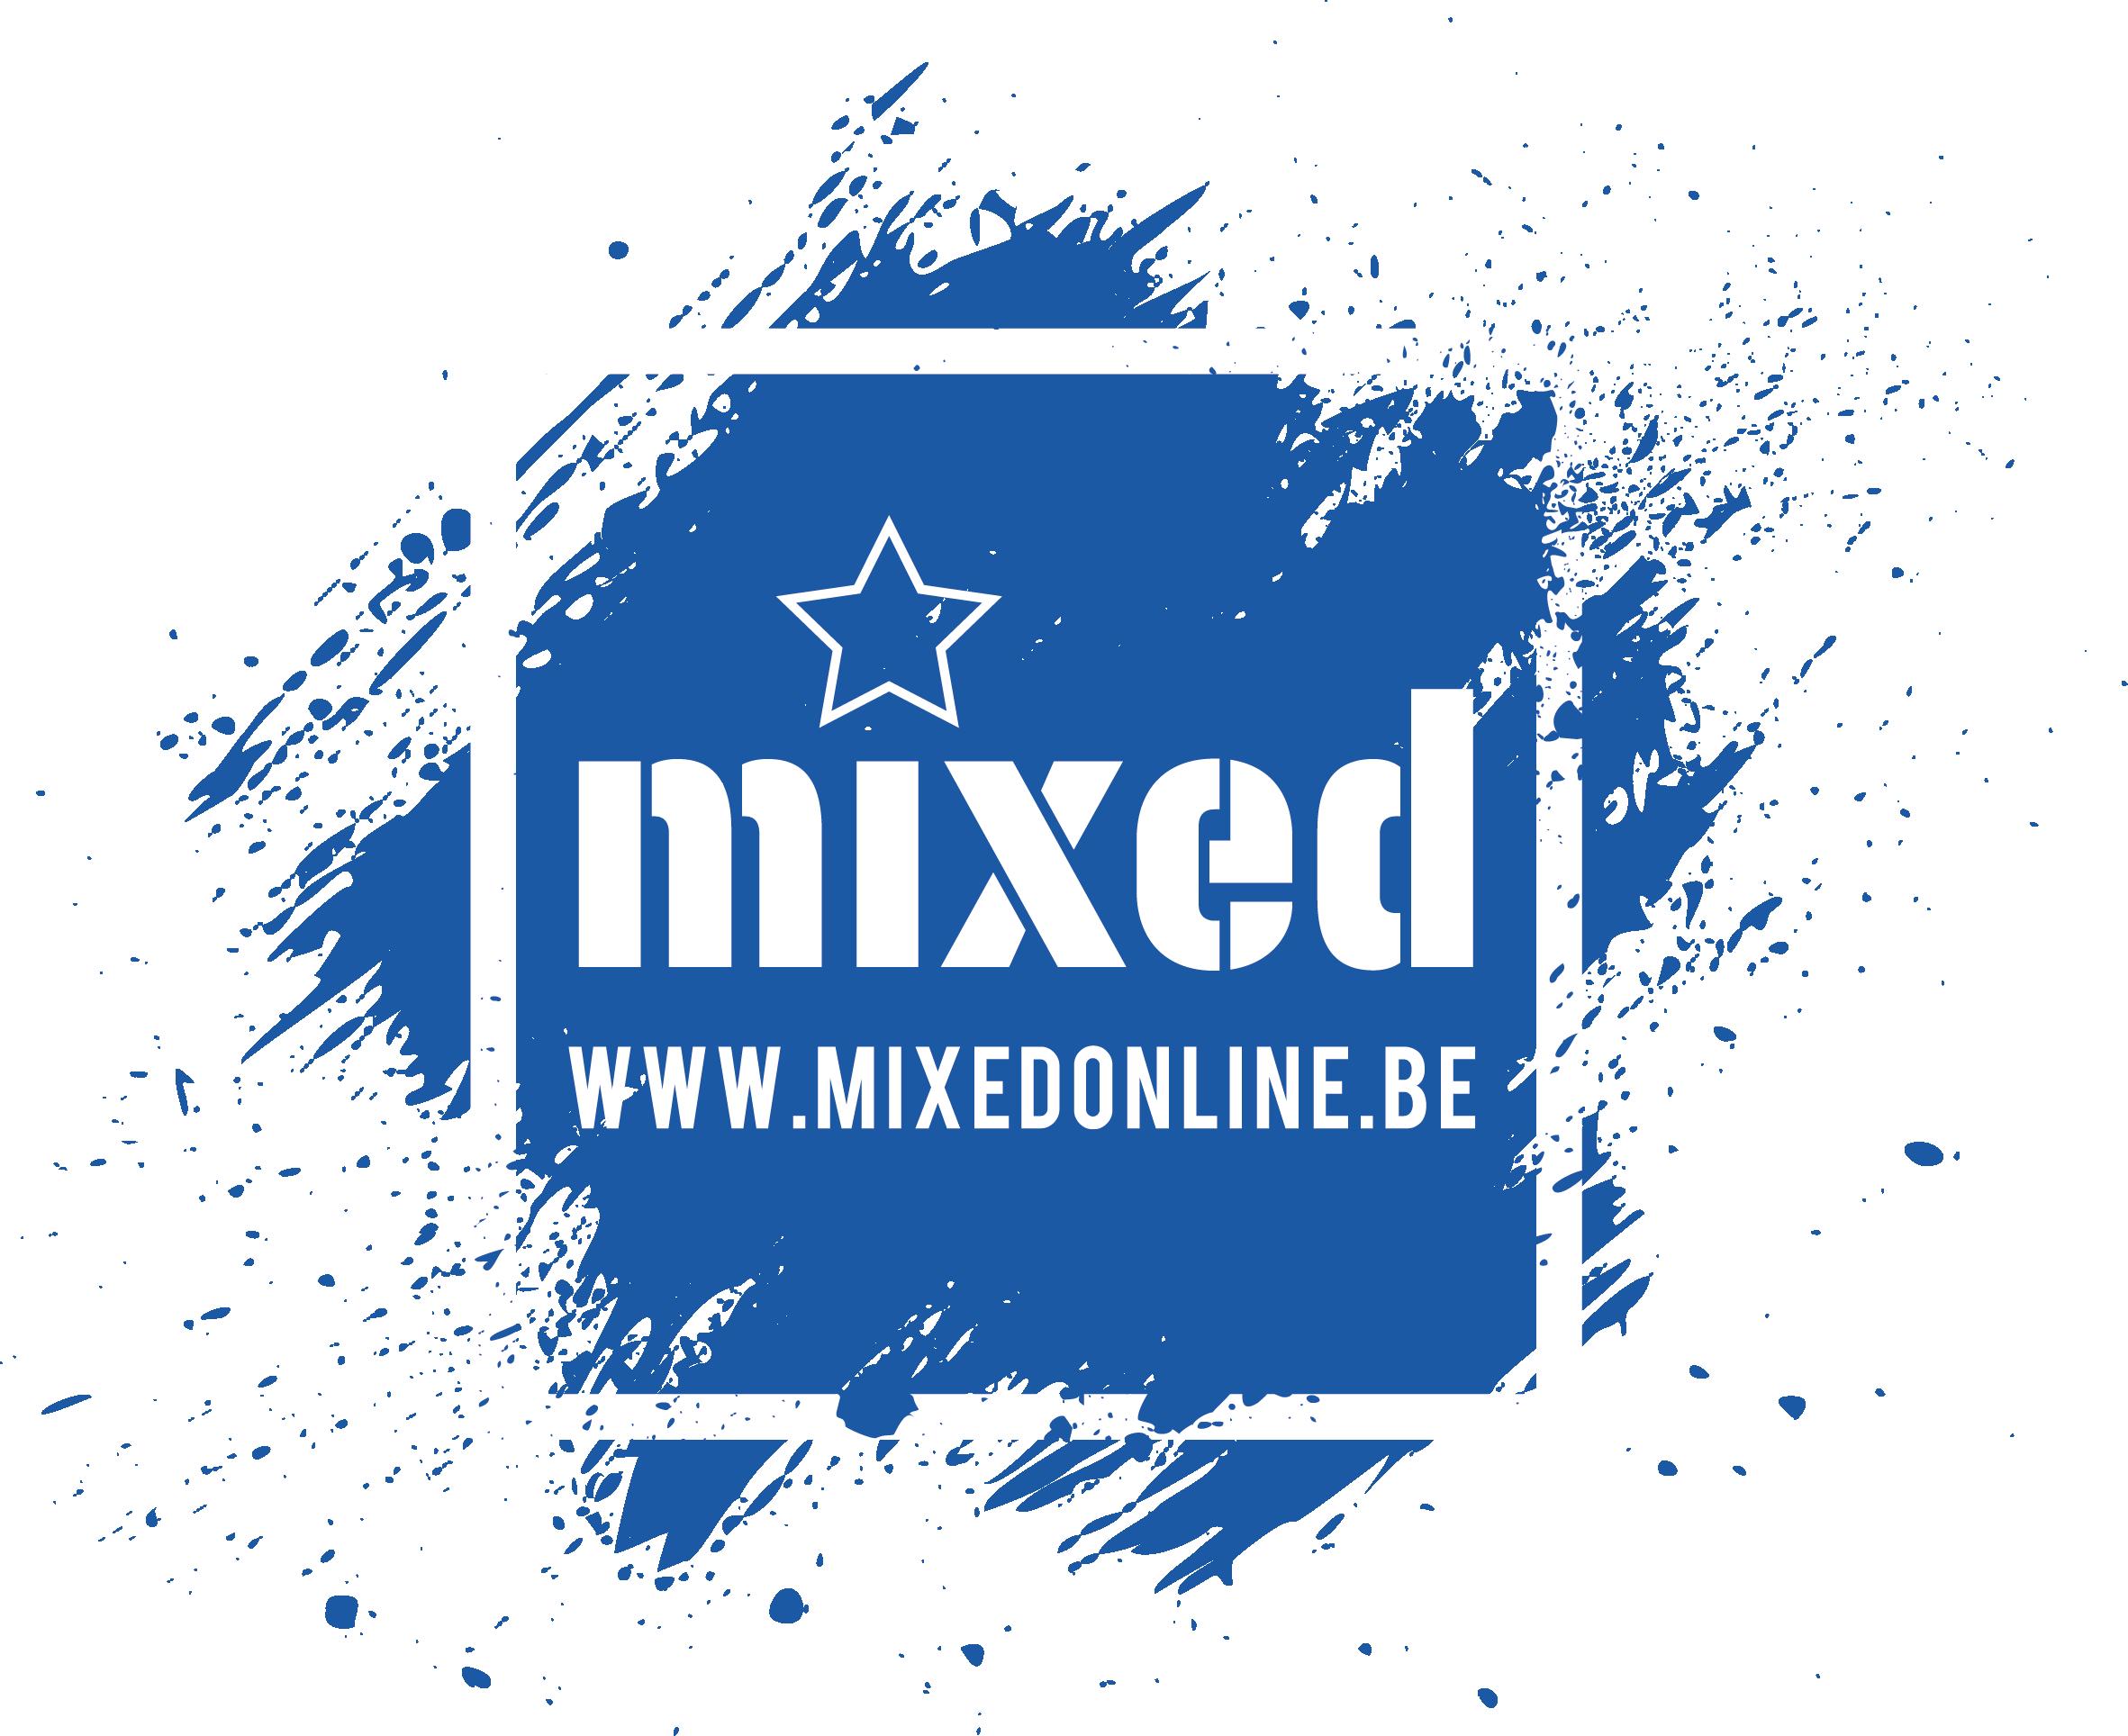 Mixed Aarschot